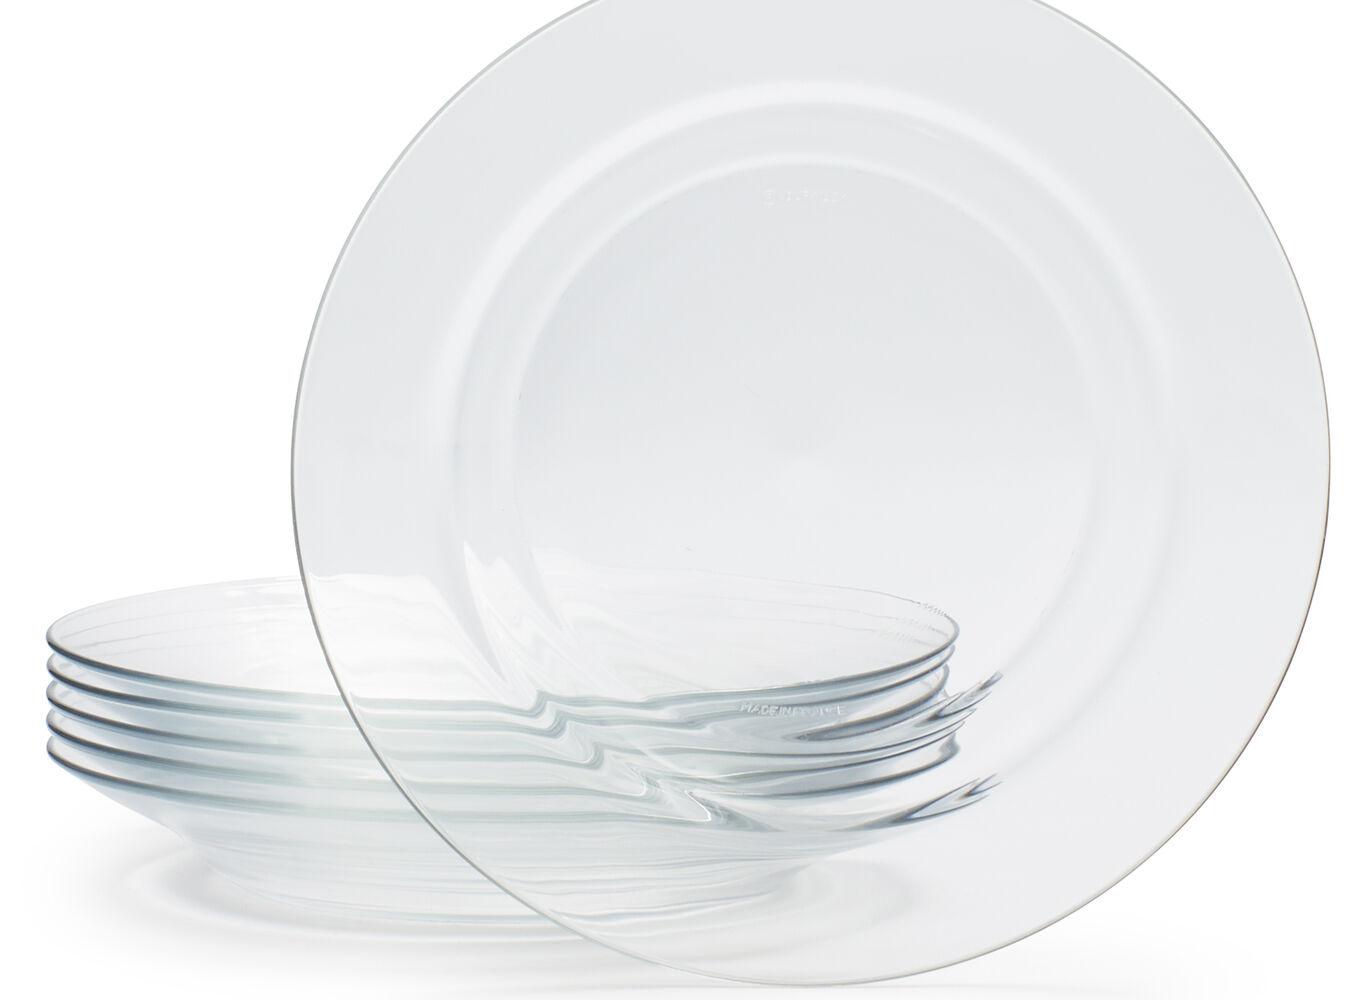 Duralex Lys Soup Plate, Set of 6 | Sur La Table